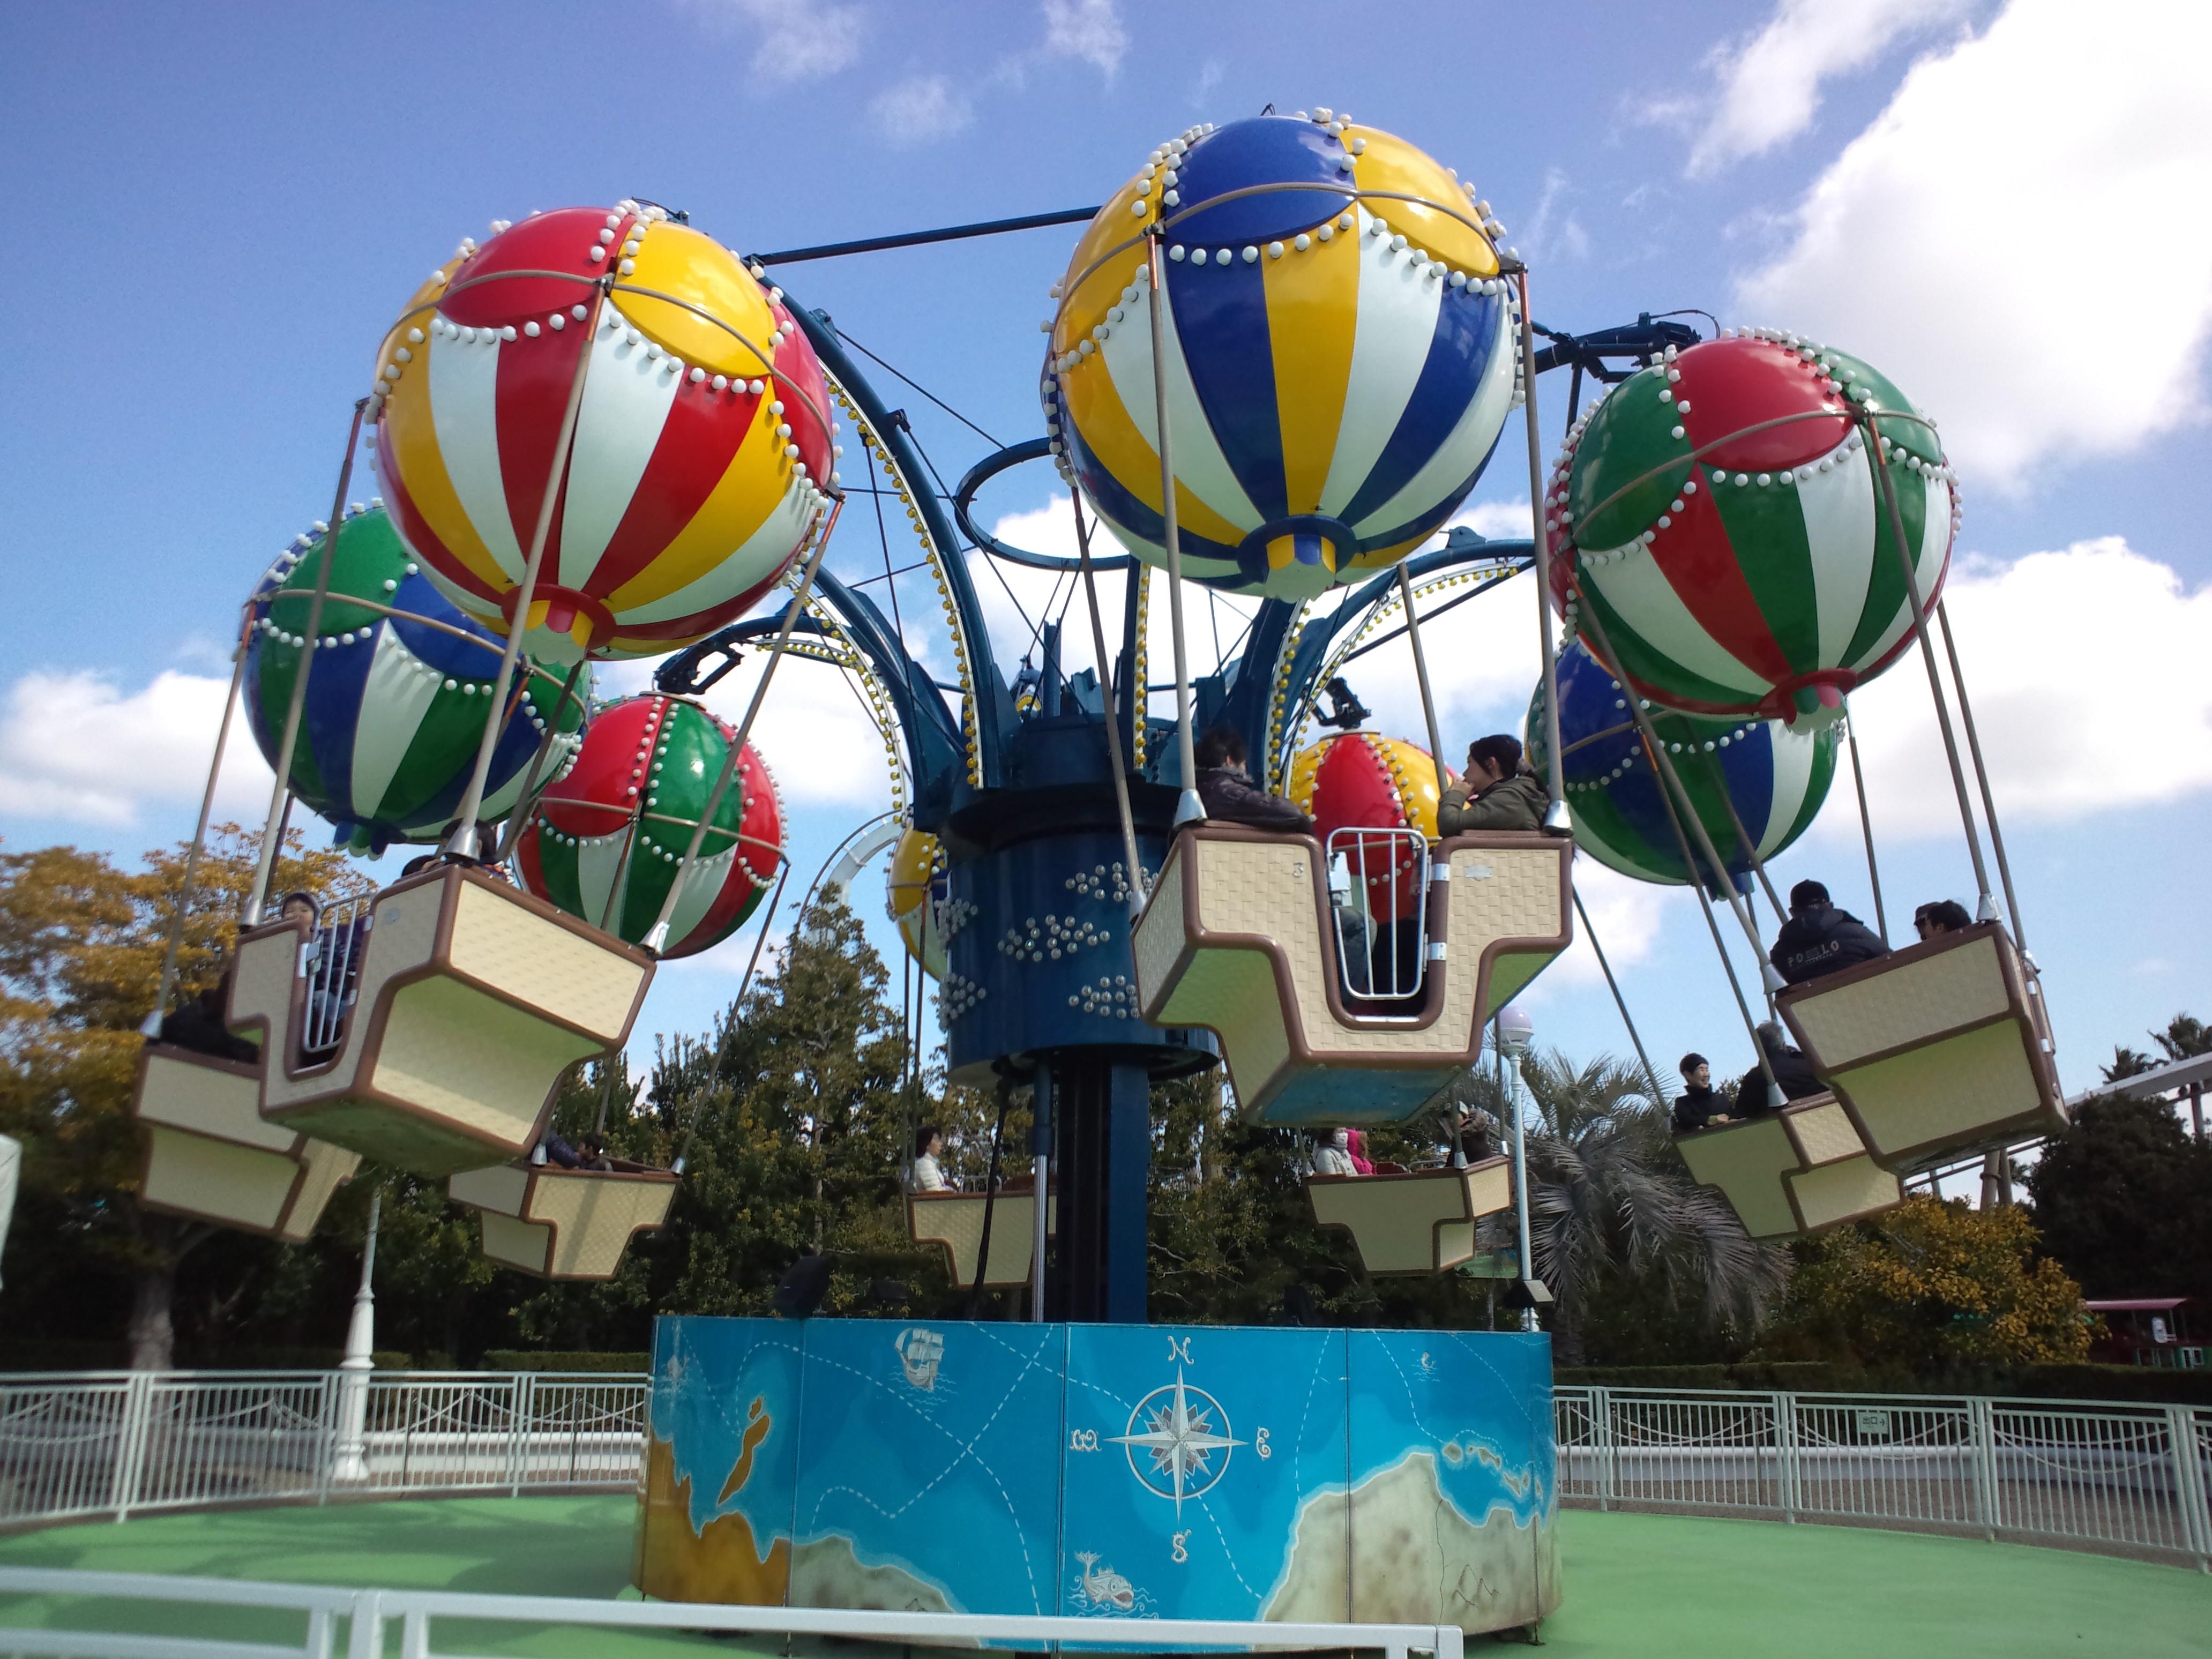 Villa Park Carnival